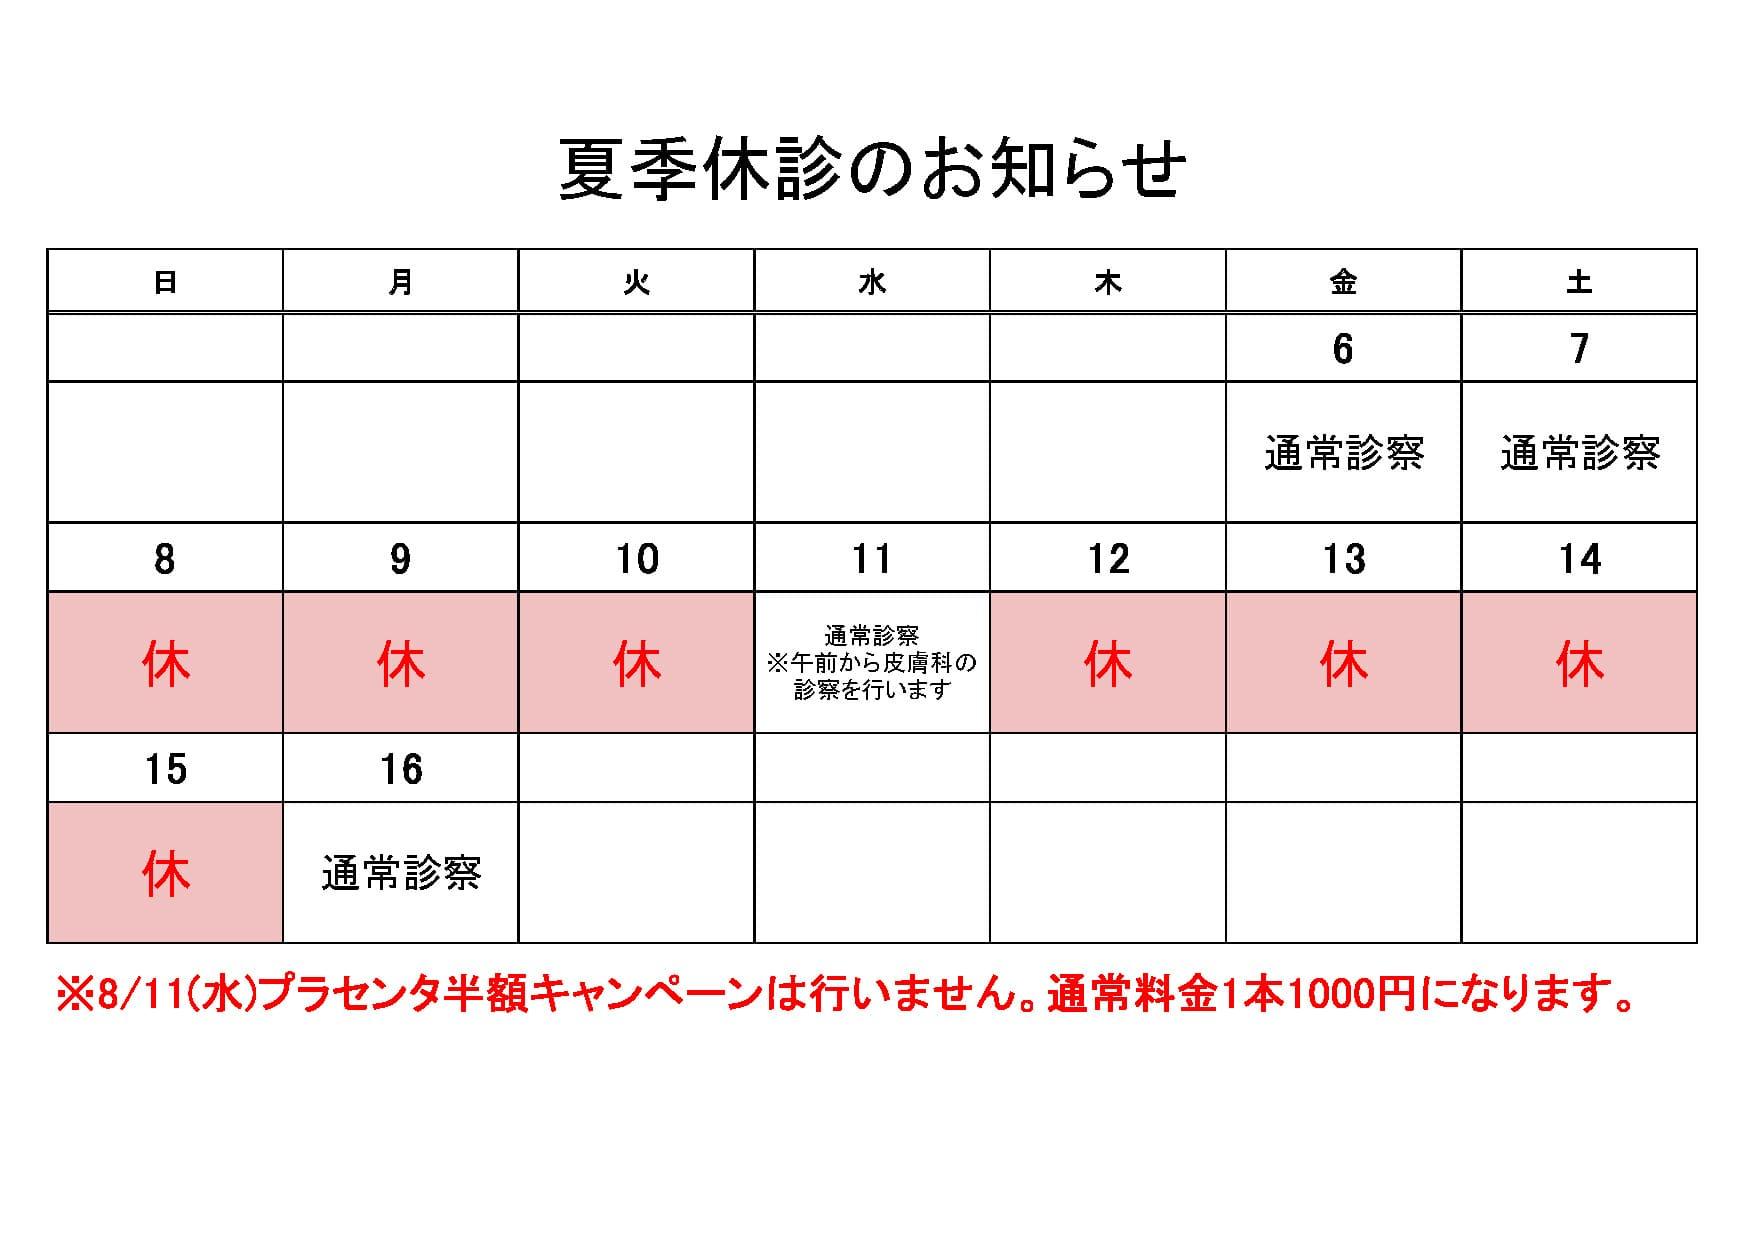 8日(日)~10日(火)、12日(木)~15日(日)が休診。11日(水)は通常診察で午前から皮膚科の診察を行います。